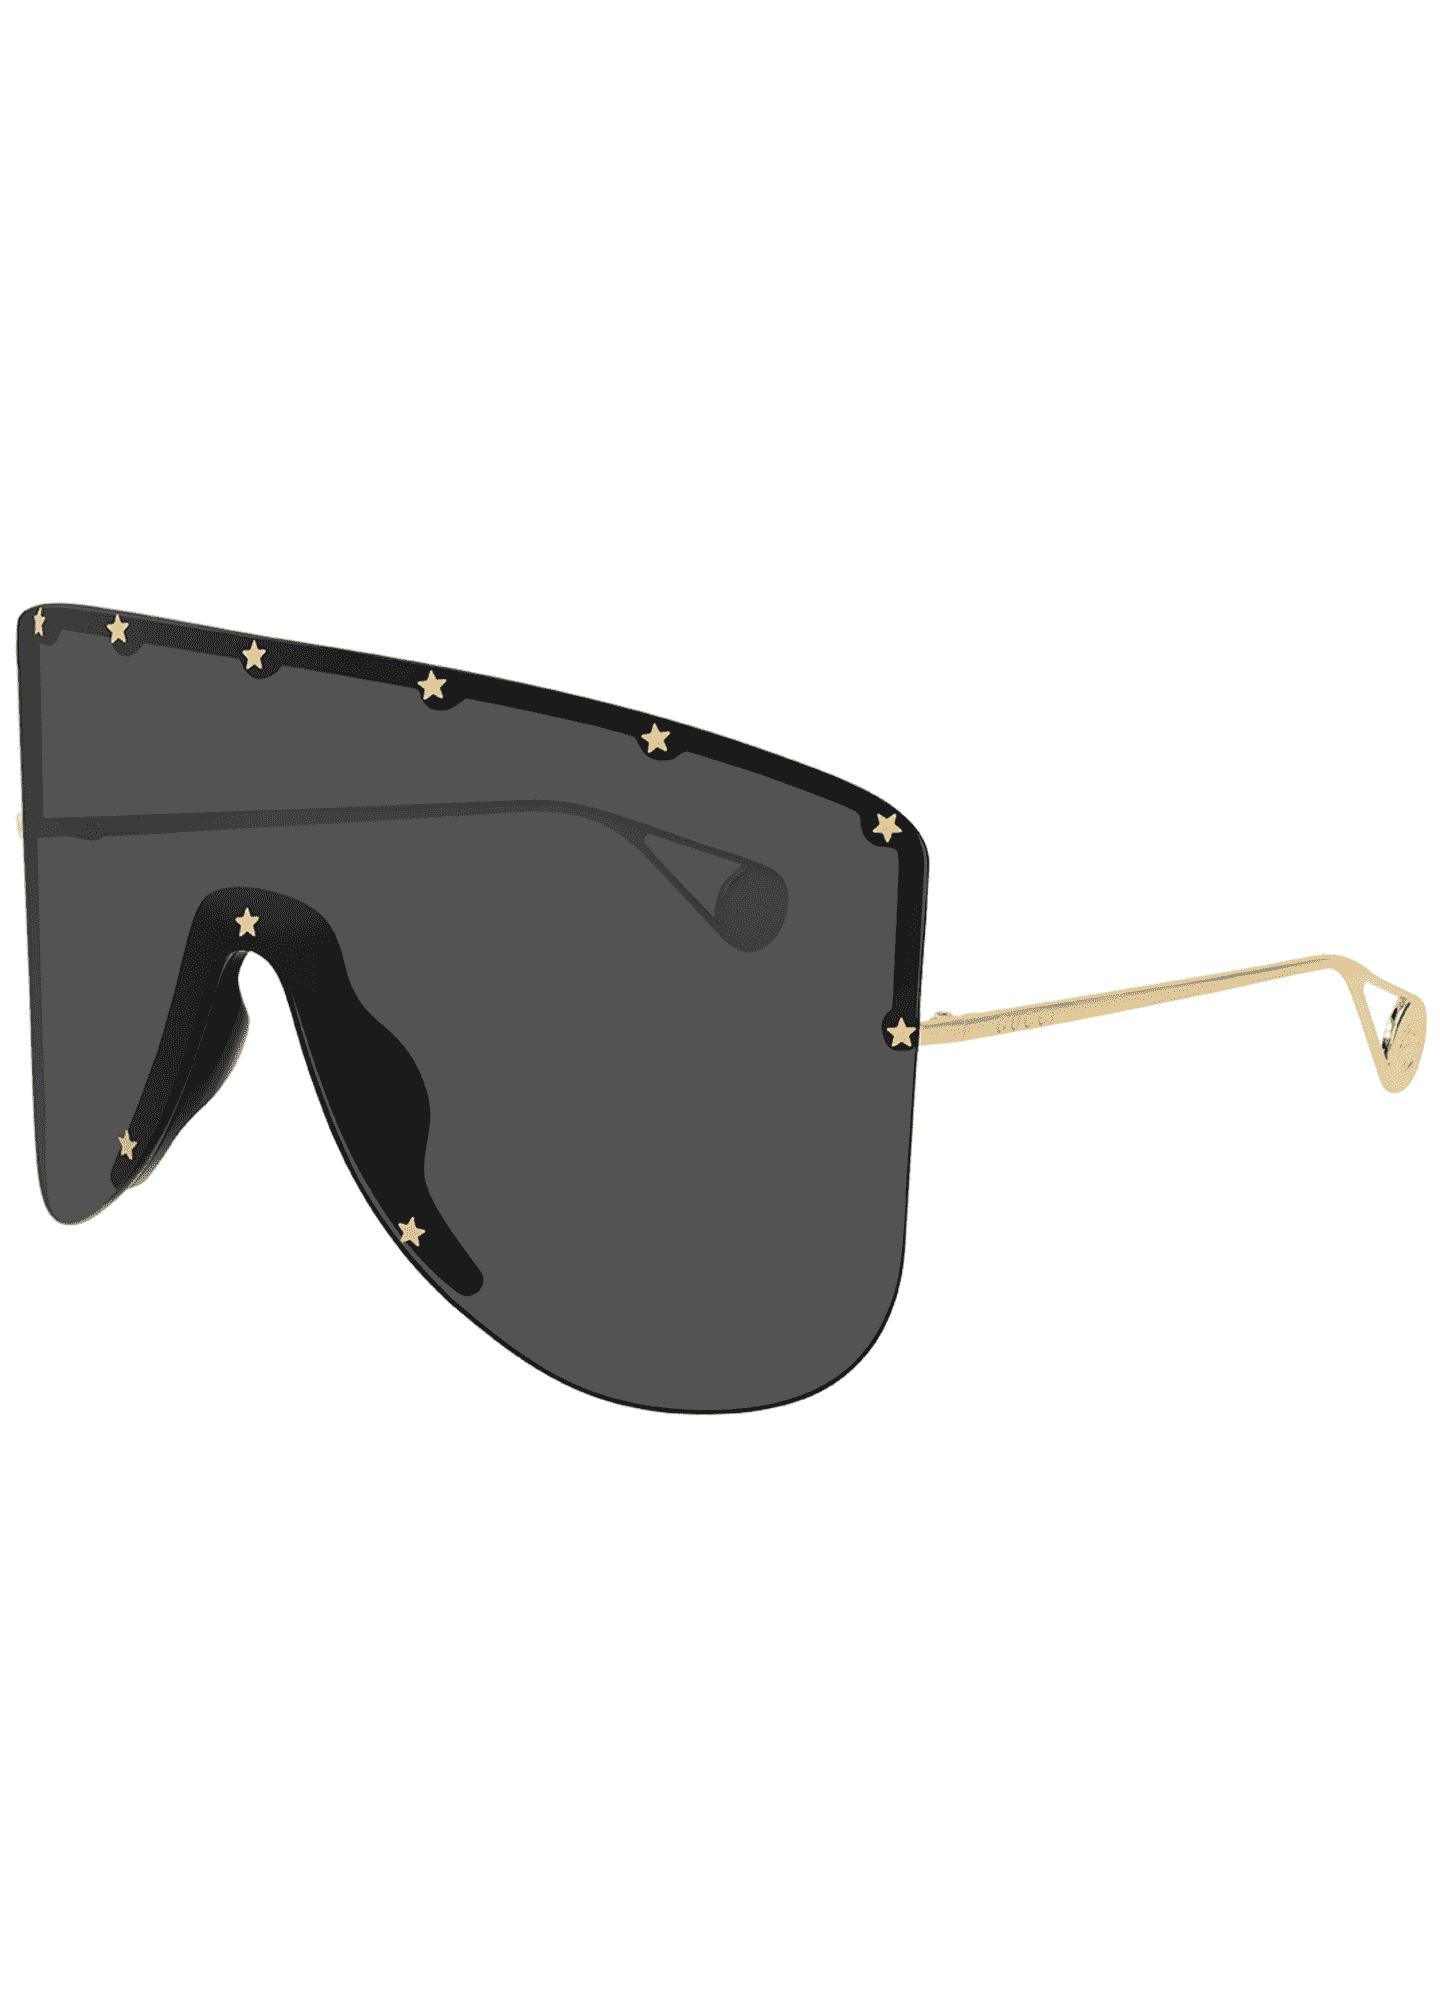 Gucci Men's Star-Trim Shield Sunglasses